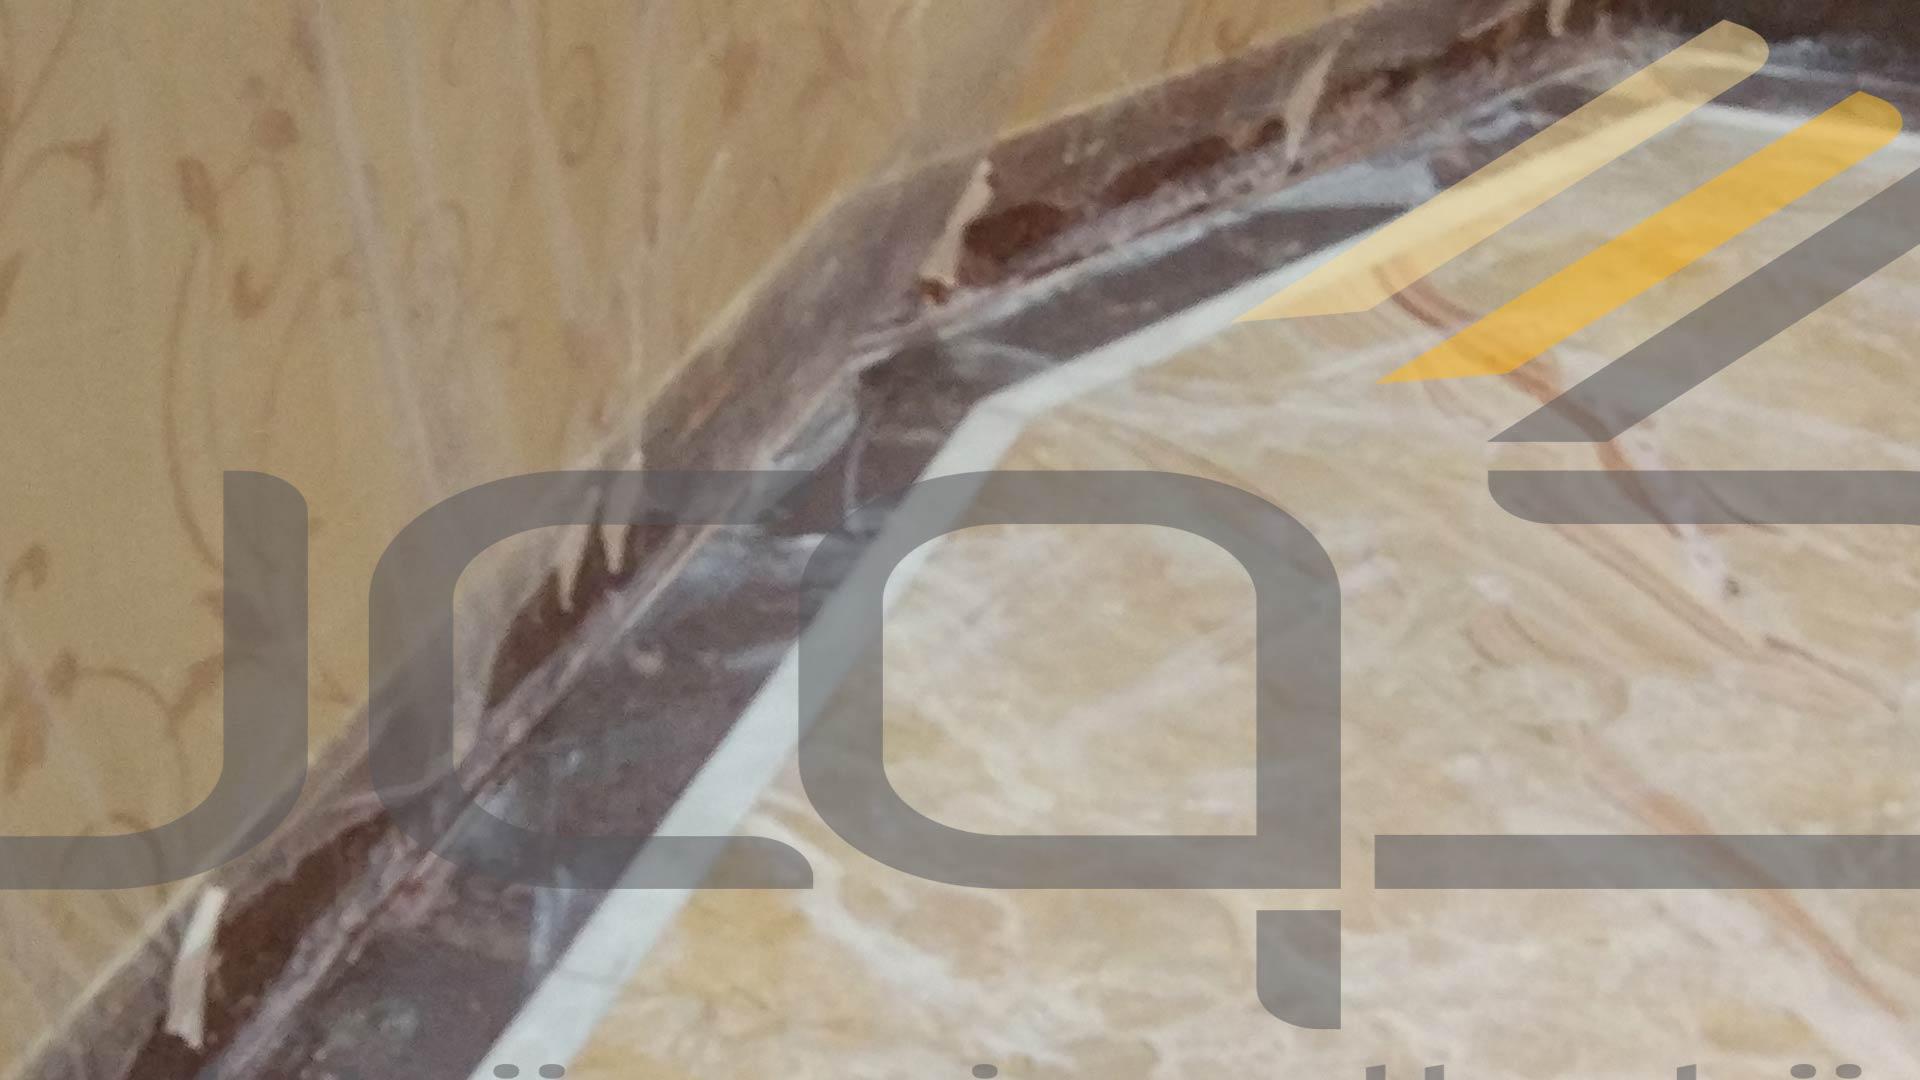 جلي الرخام بالالماس بالطرق الحديثة شركة بدء الانجاز للرخام باجكو Bajco